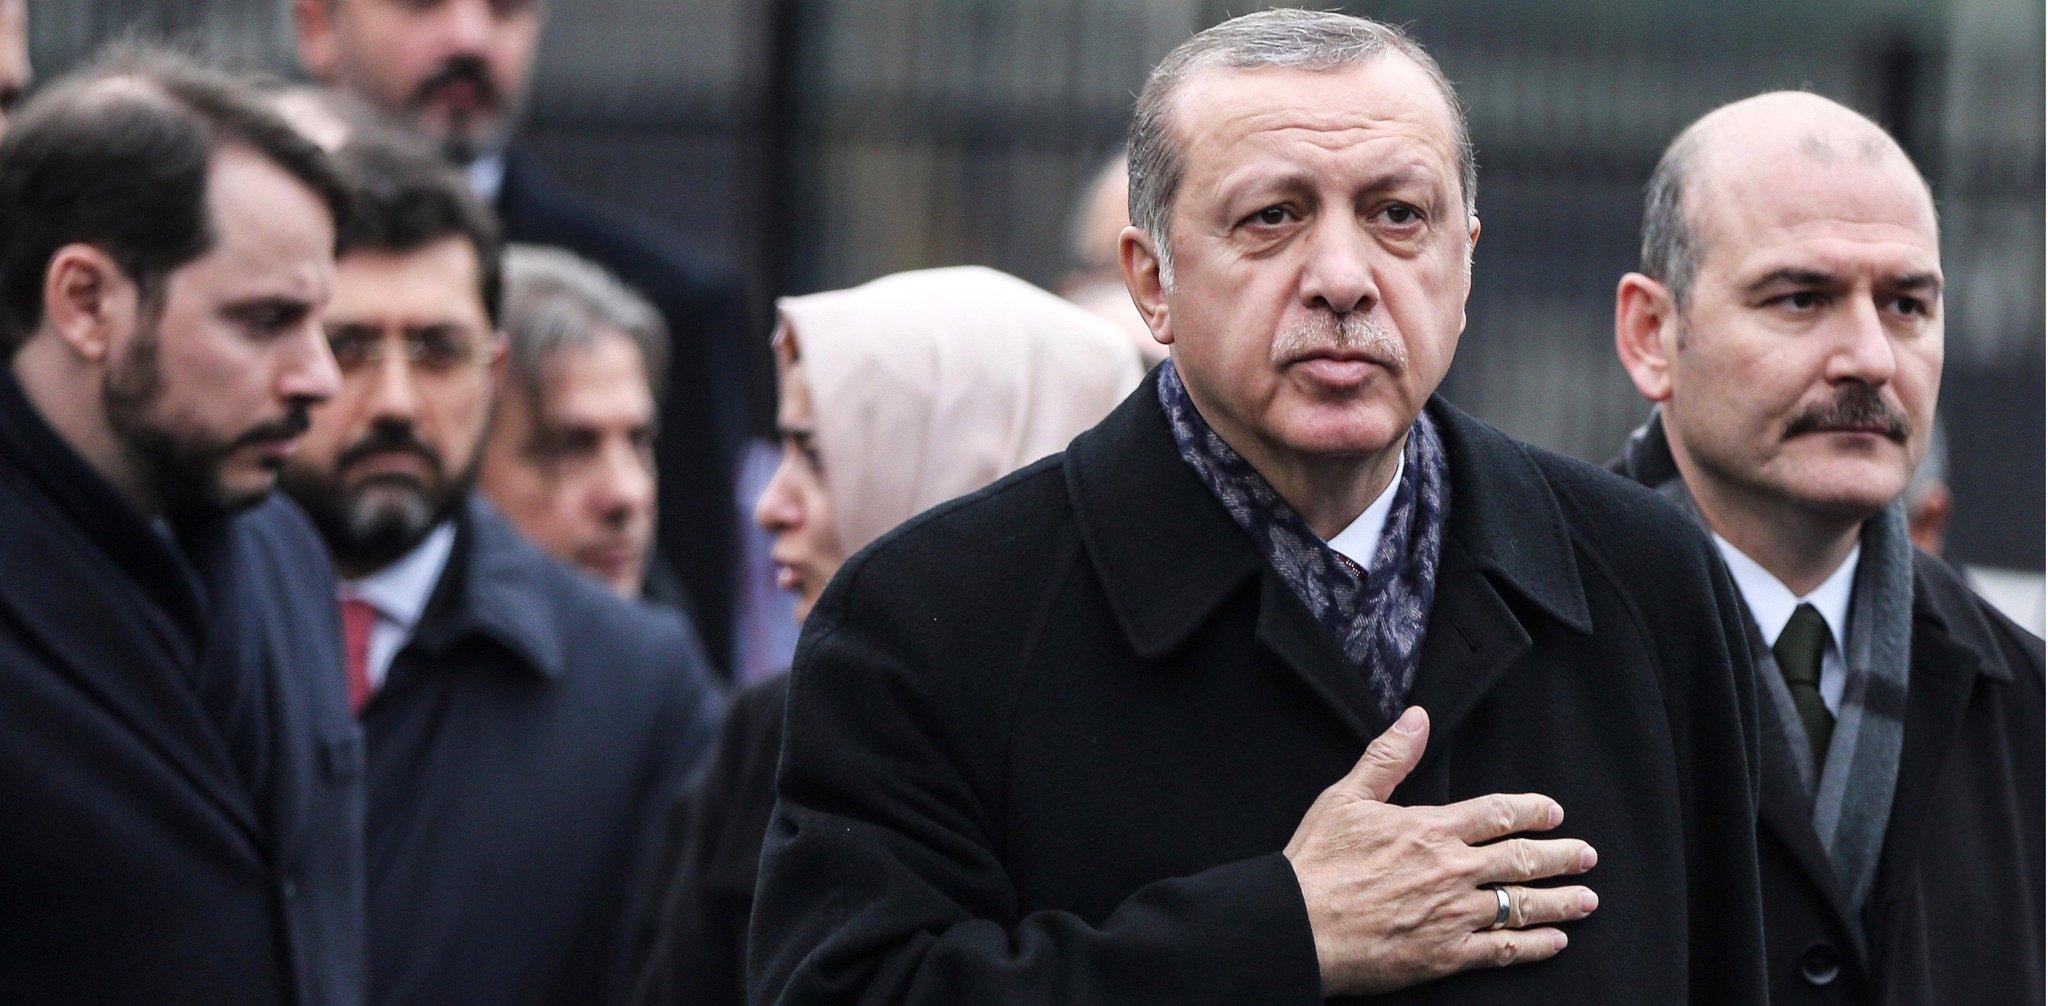 रेसेप तैयप एर्दोगान ने बोला तुर्की के अधिकारियों ने इस्लामिक स्टेटमुखियाकी पत्नी को  हिरासत में रखा, जाने